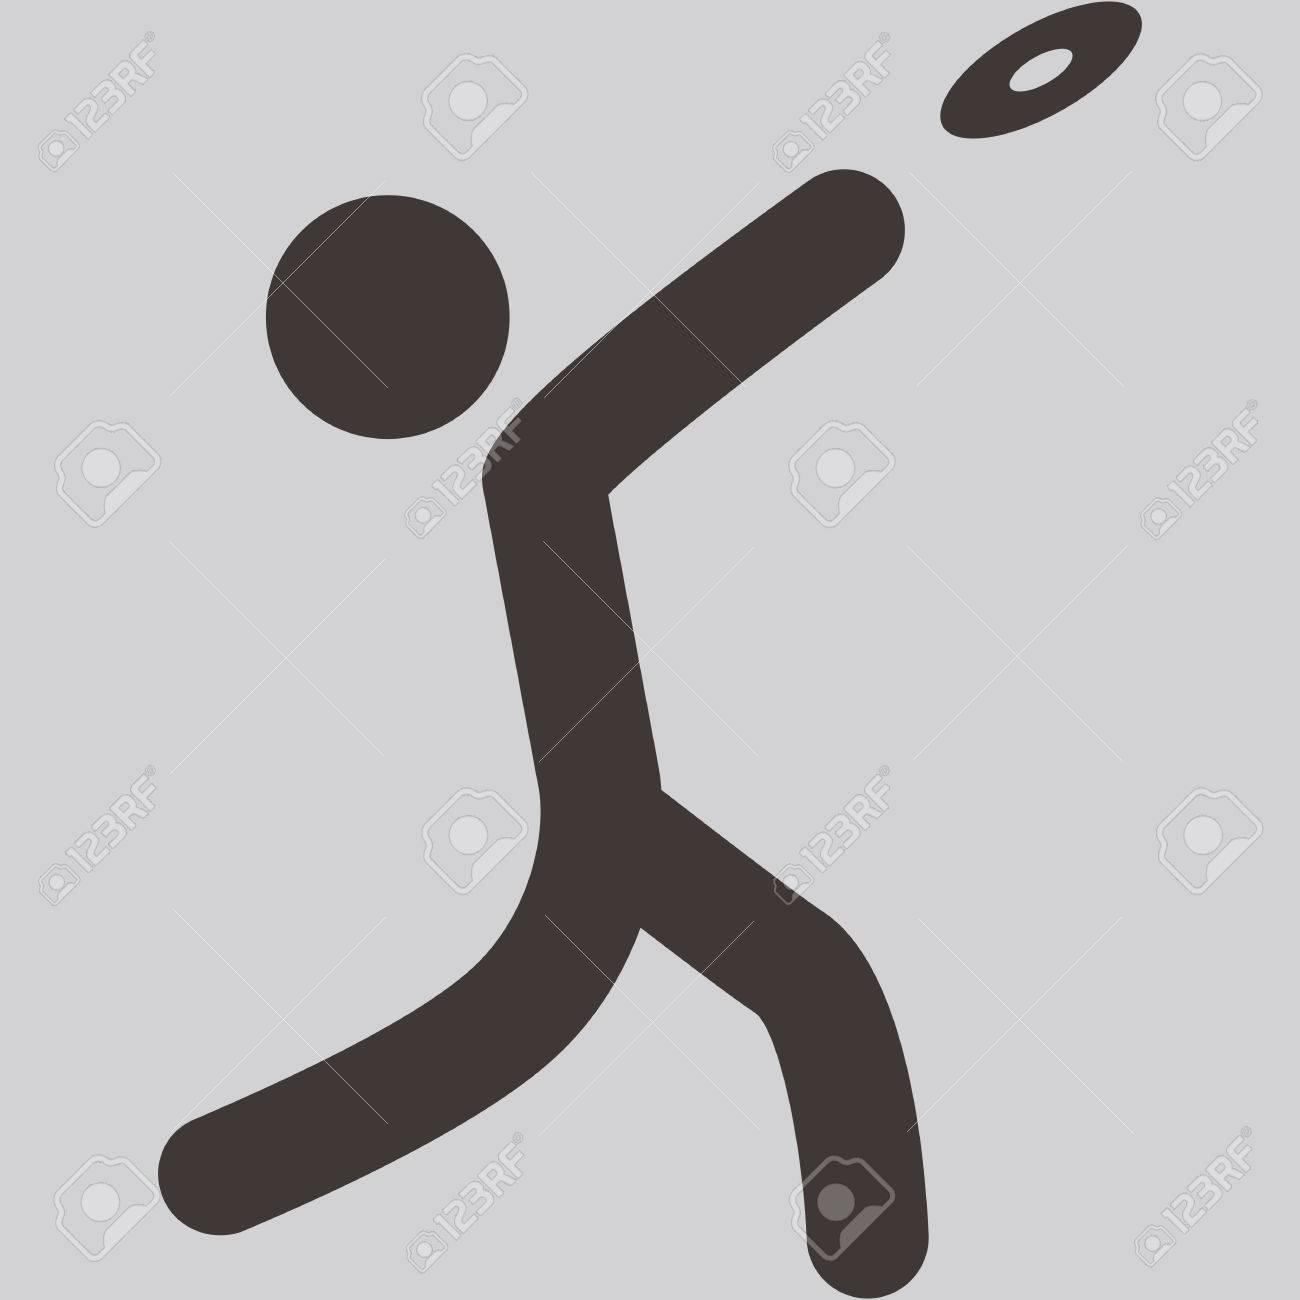 Discus Throw Clip Art